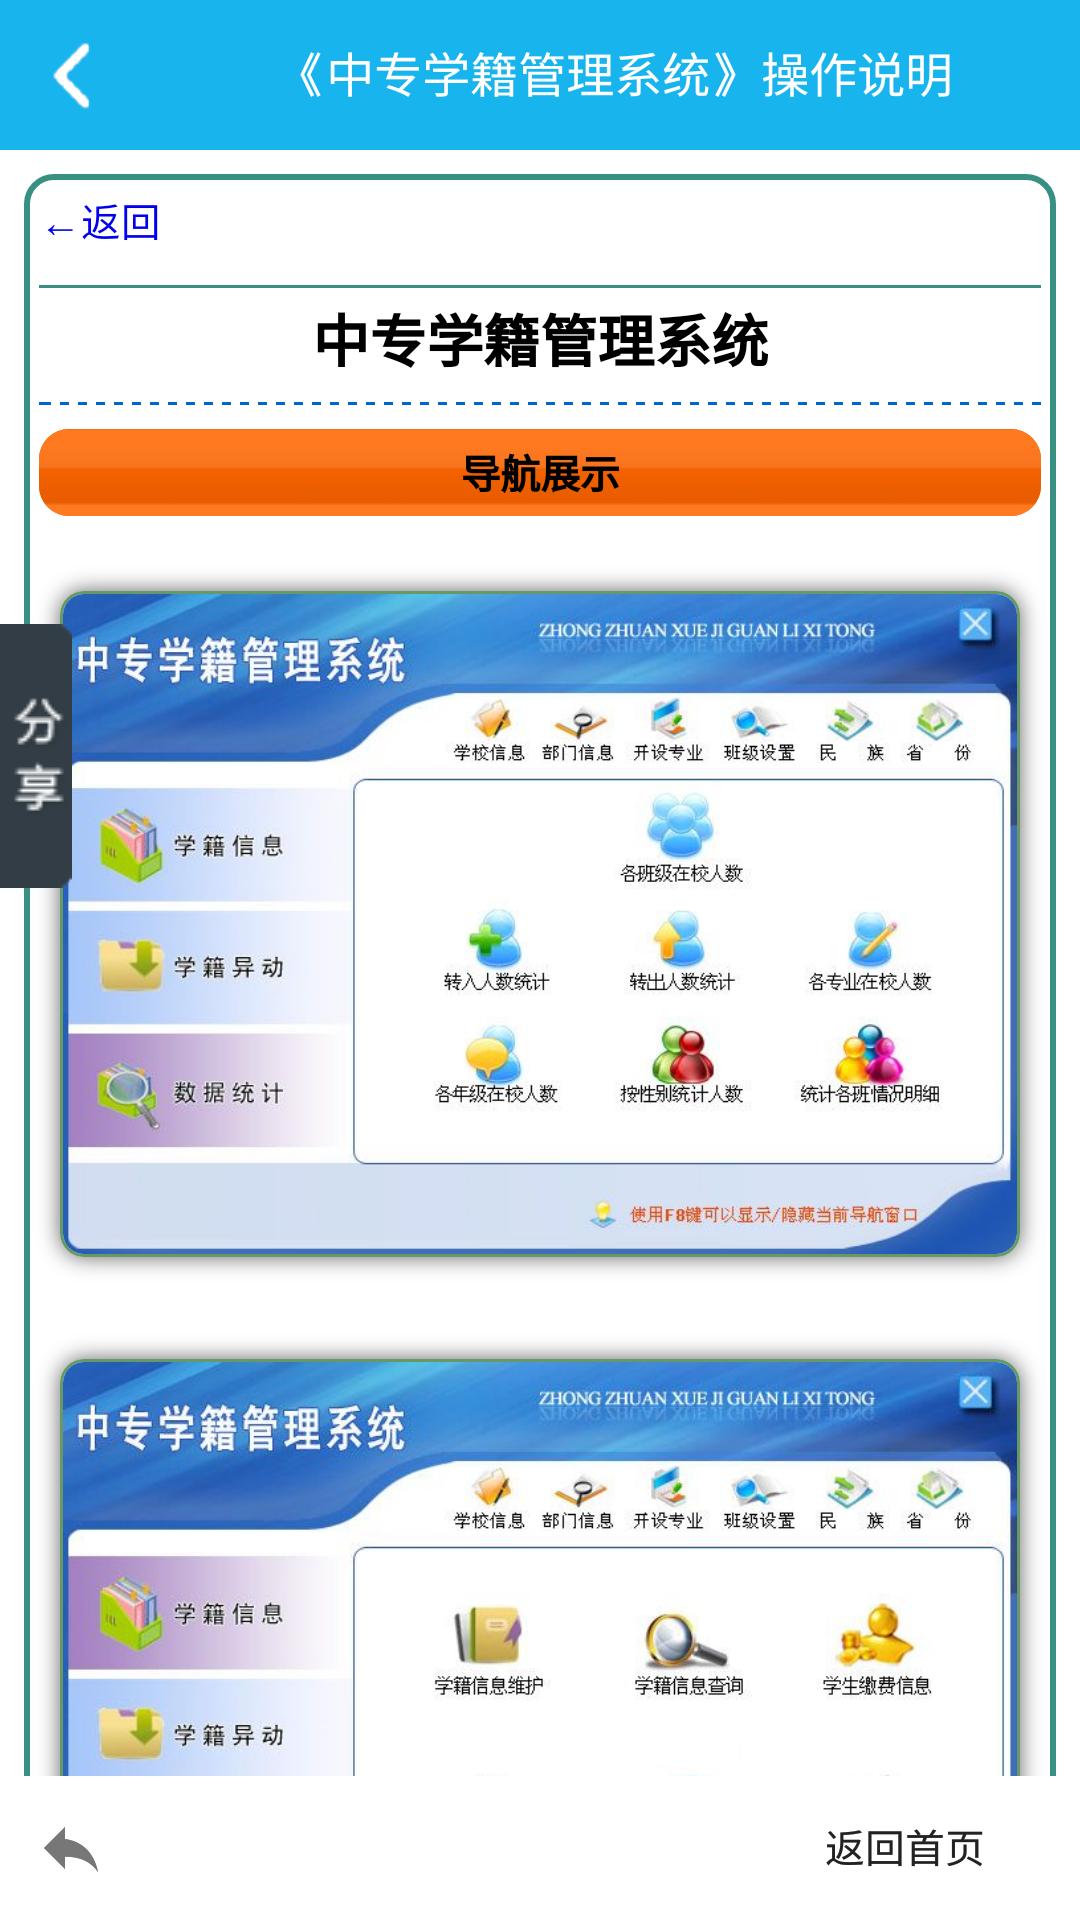 中专学籍管理系统